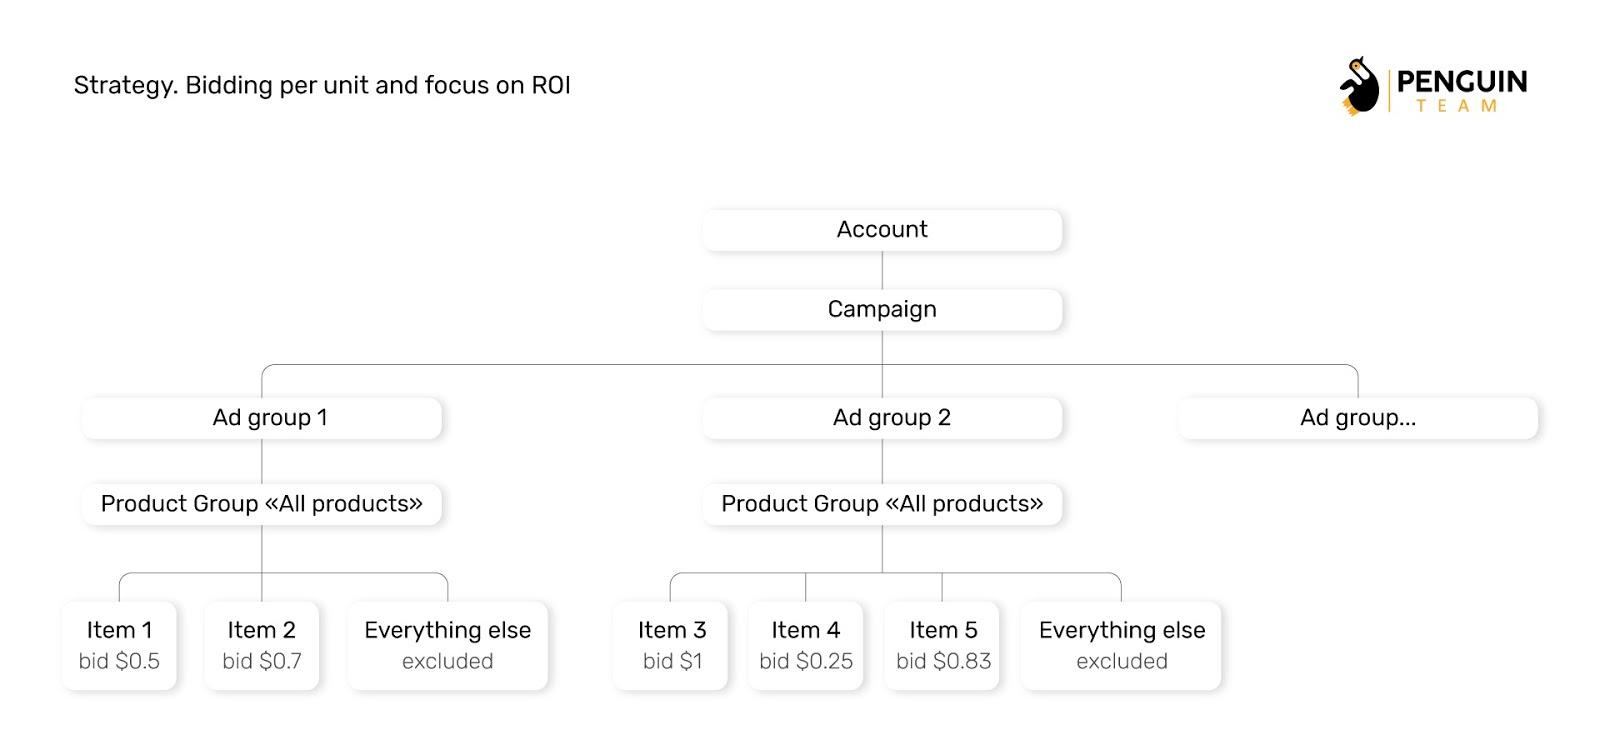 Стратегія призначення ставок по продукту і орієнтиром на ROI